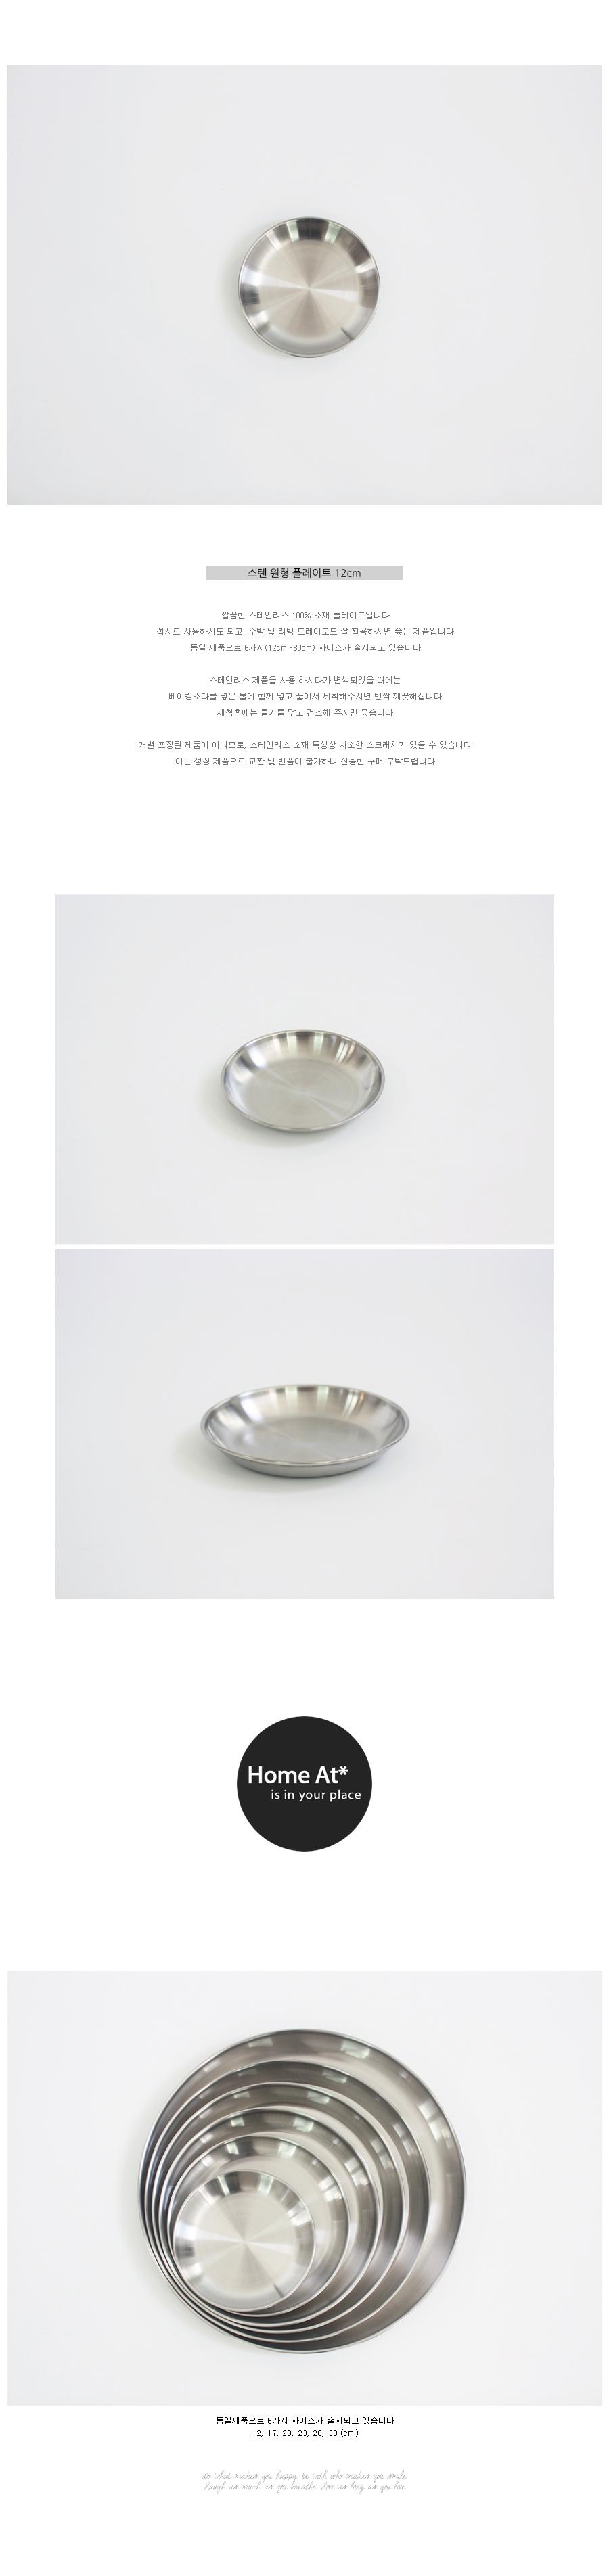 스텐 원형 플레이트 12cm - 홈앳, 4,000원, 접시/찬기, 접시